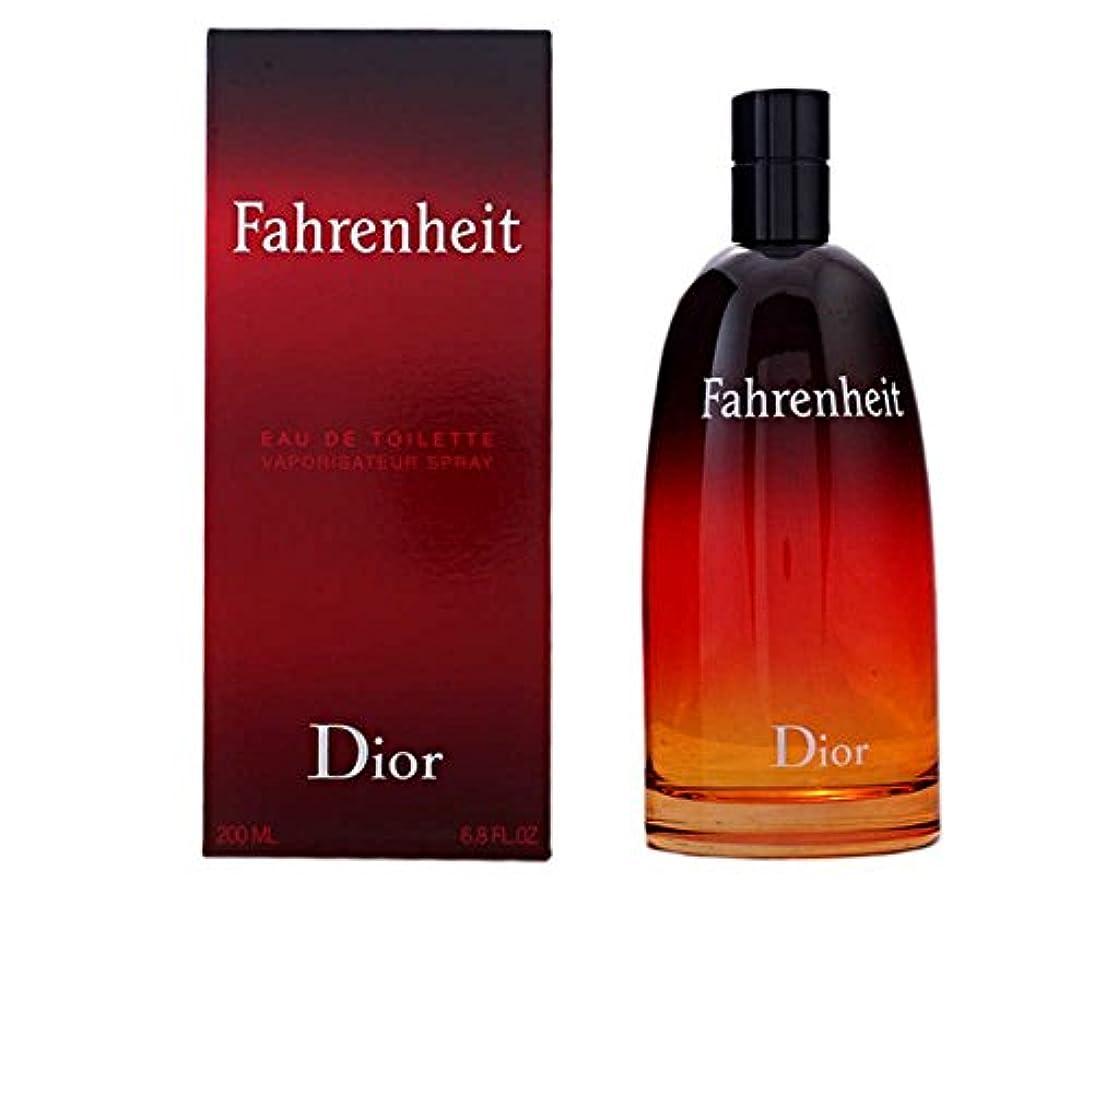 平らな崇拝しますスクラッチクリスチャンディオール CHRISTIAN DIOR ファーレンハイト EDT 200mL 香水